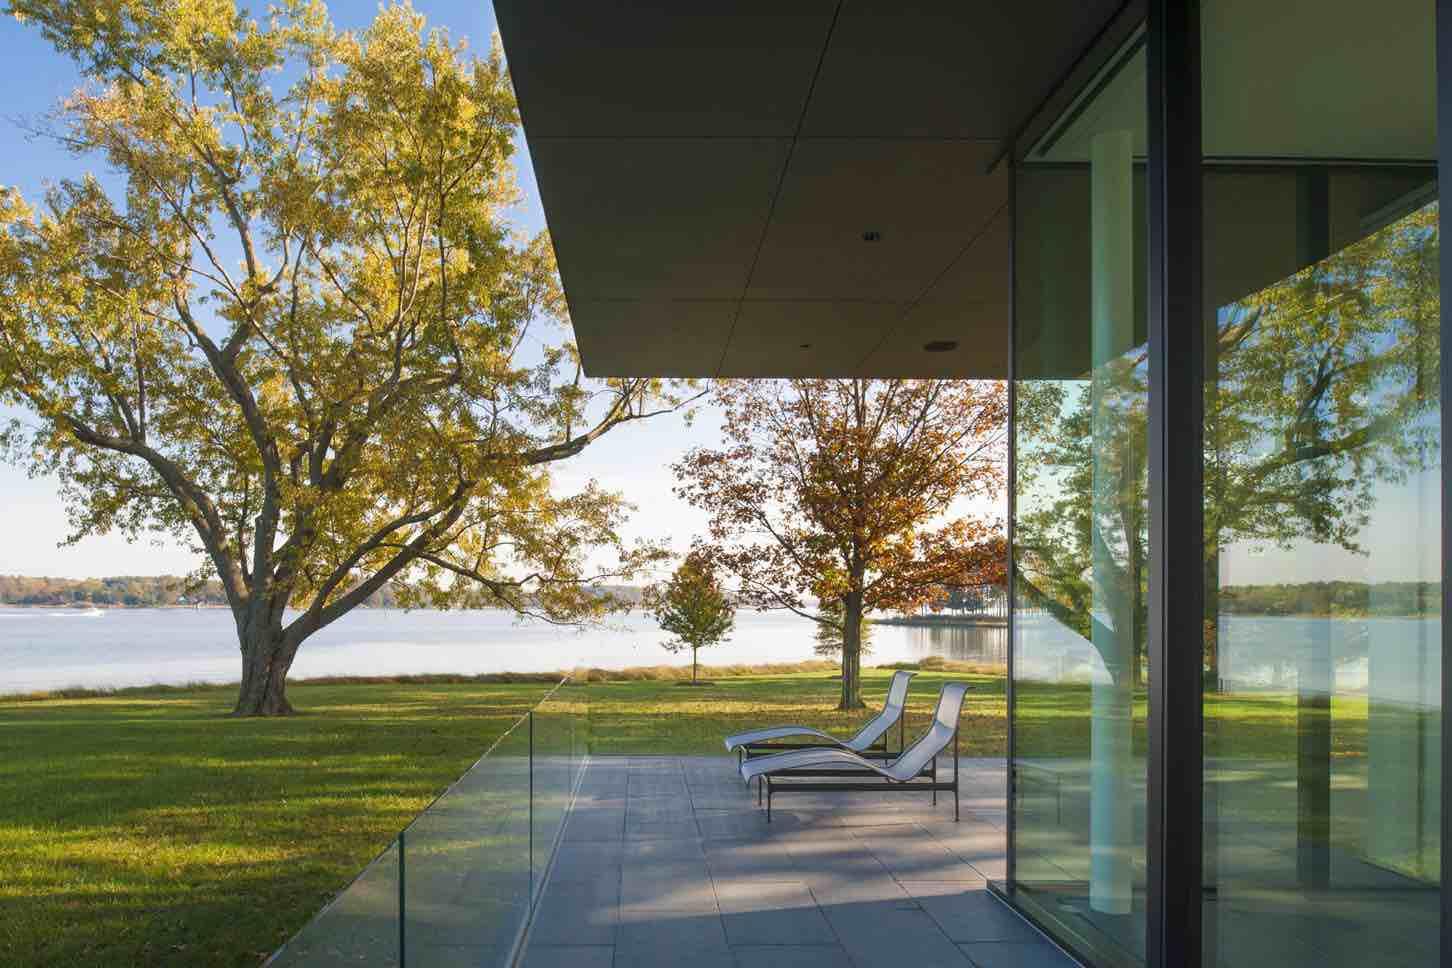 tred-avon-river-house-robert-m-gurney-architect_mackenzie-gurney-guttmanresidence-28